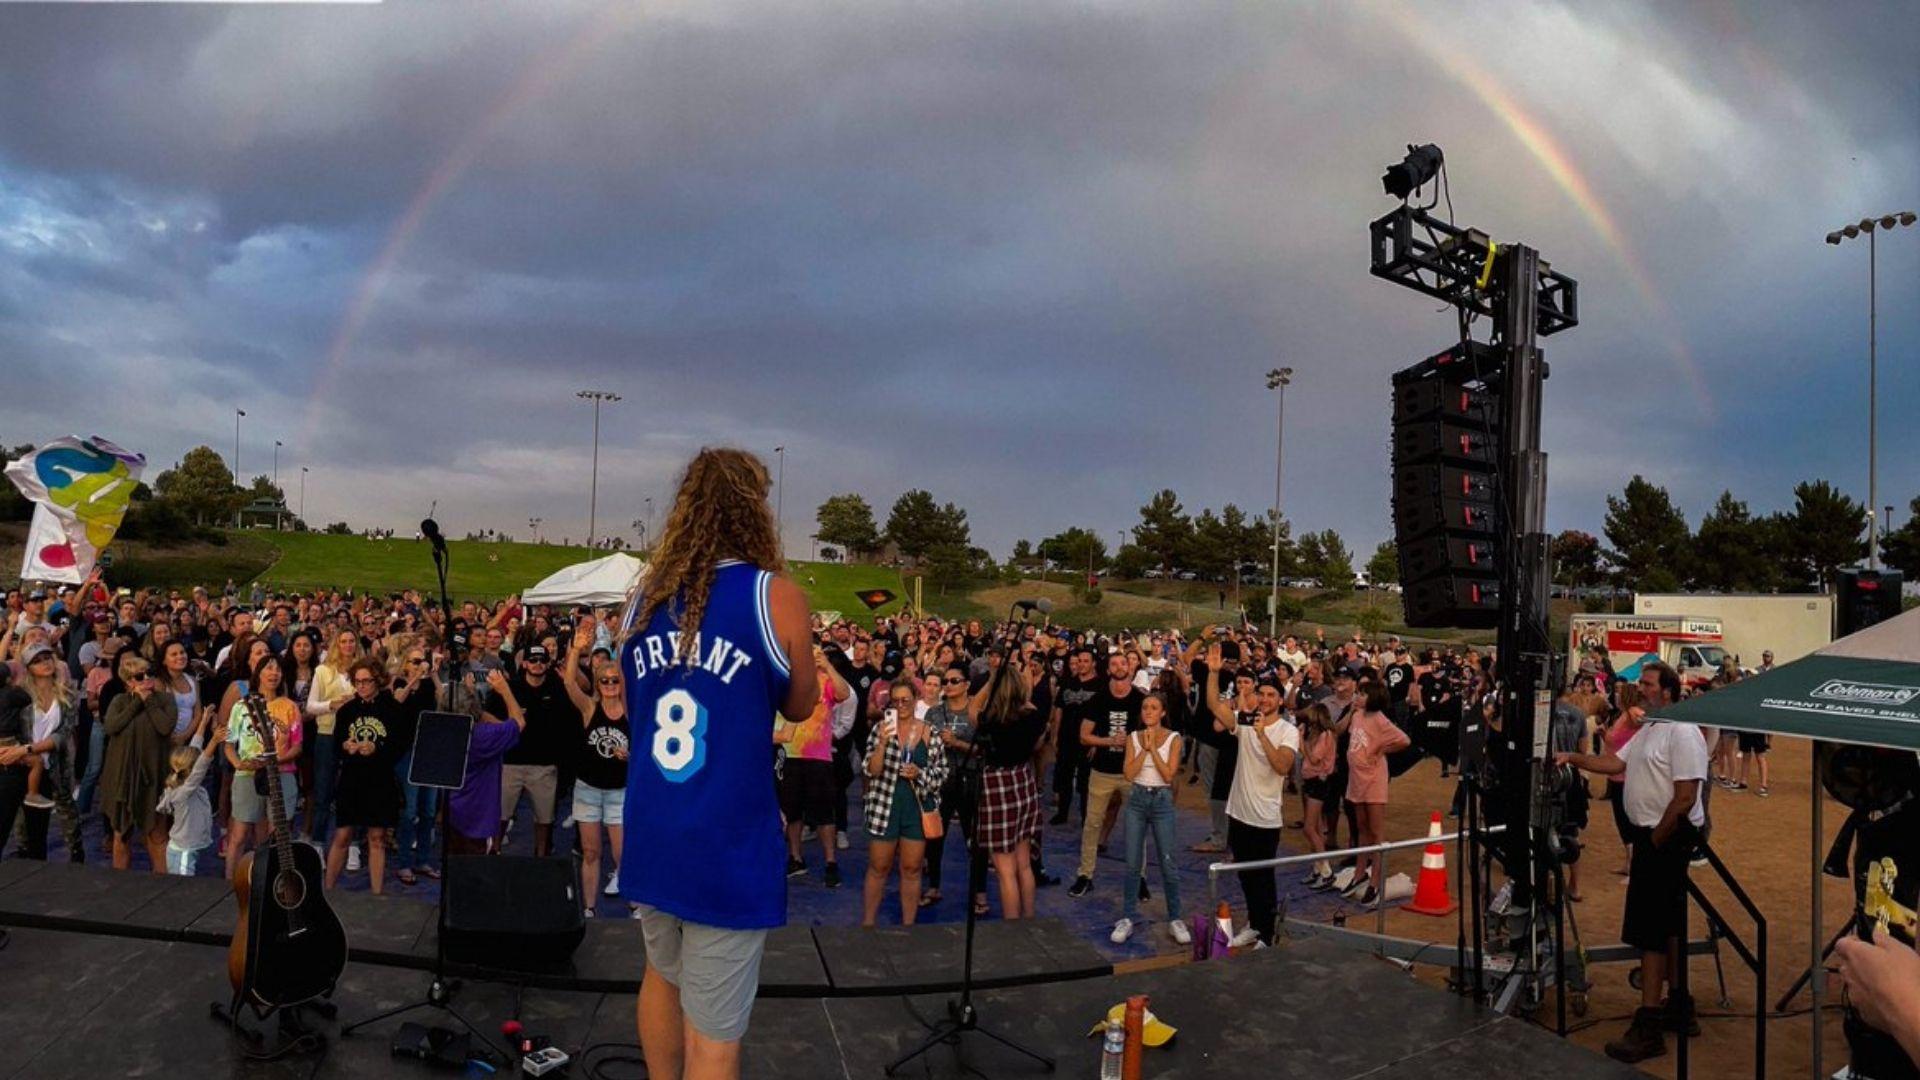 Centenas se reúnem em adoração e chuva cai sobre cidade atingida por incêndio nos EUA